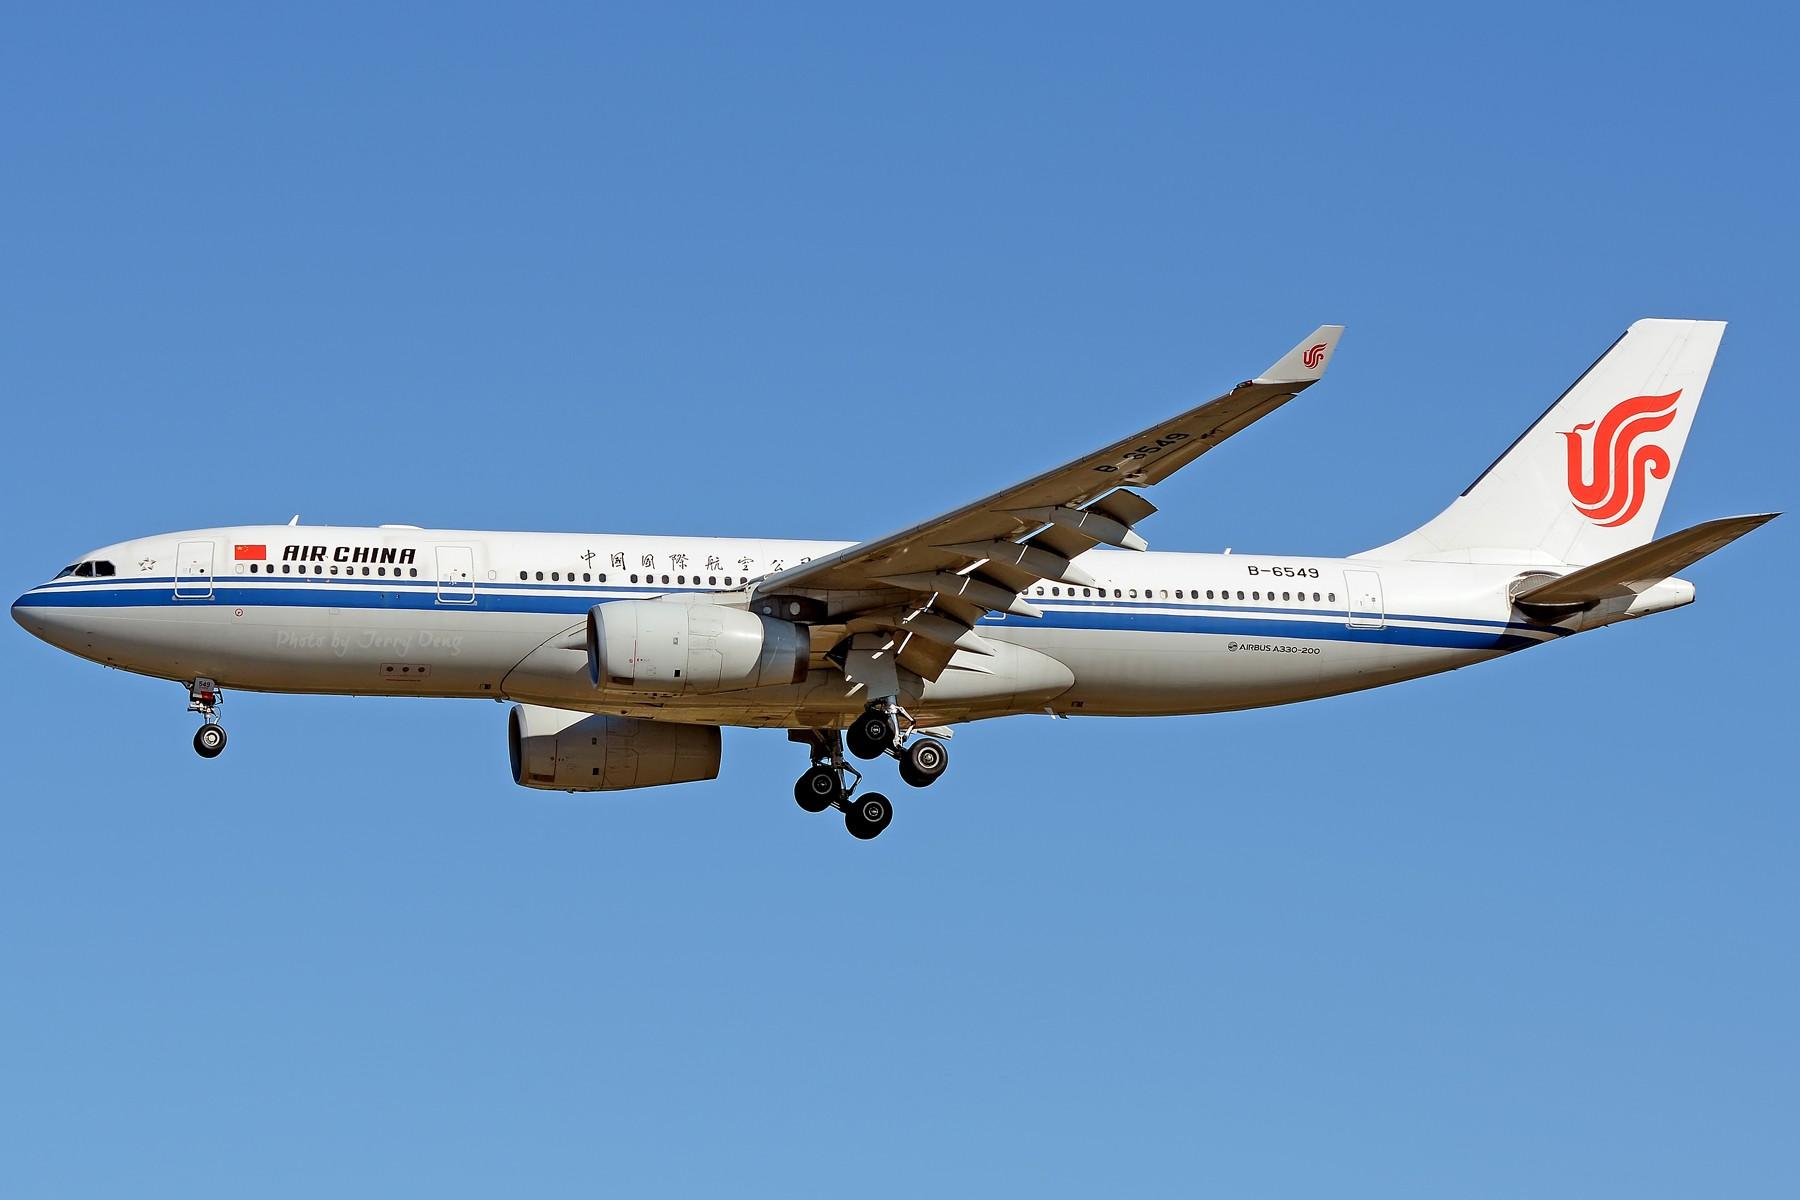 Re:[原创]【多图党】PEK落地一组国航系【2】 AIRBUS A330-200 B-6549 中国北京首都国际机场